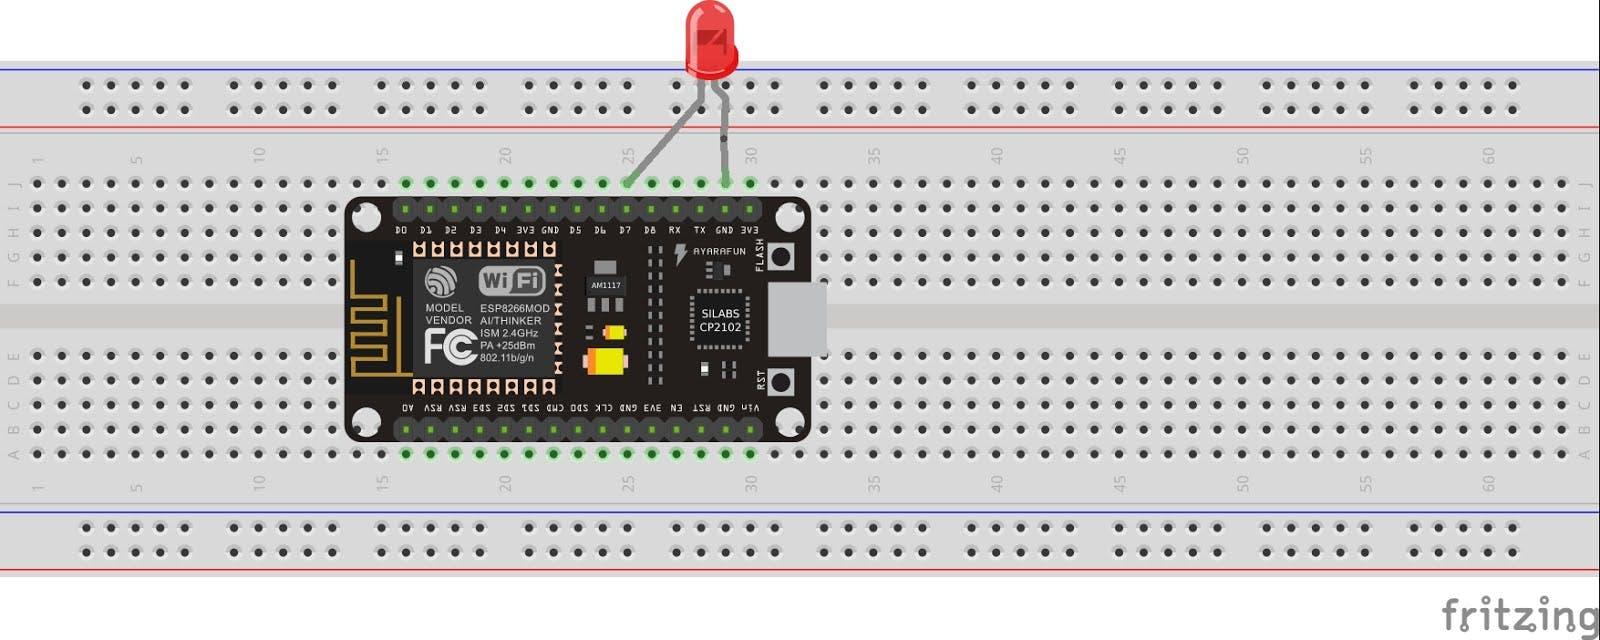 LED control